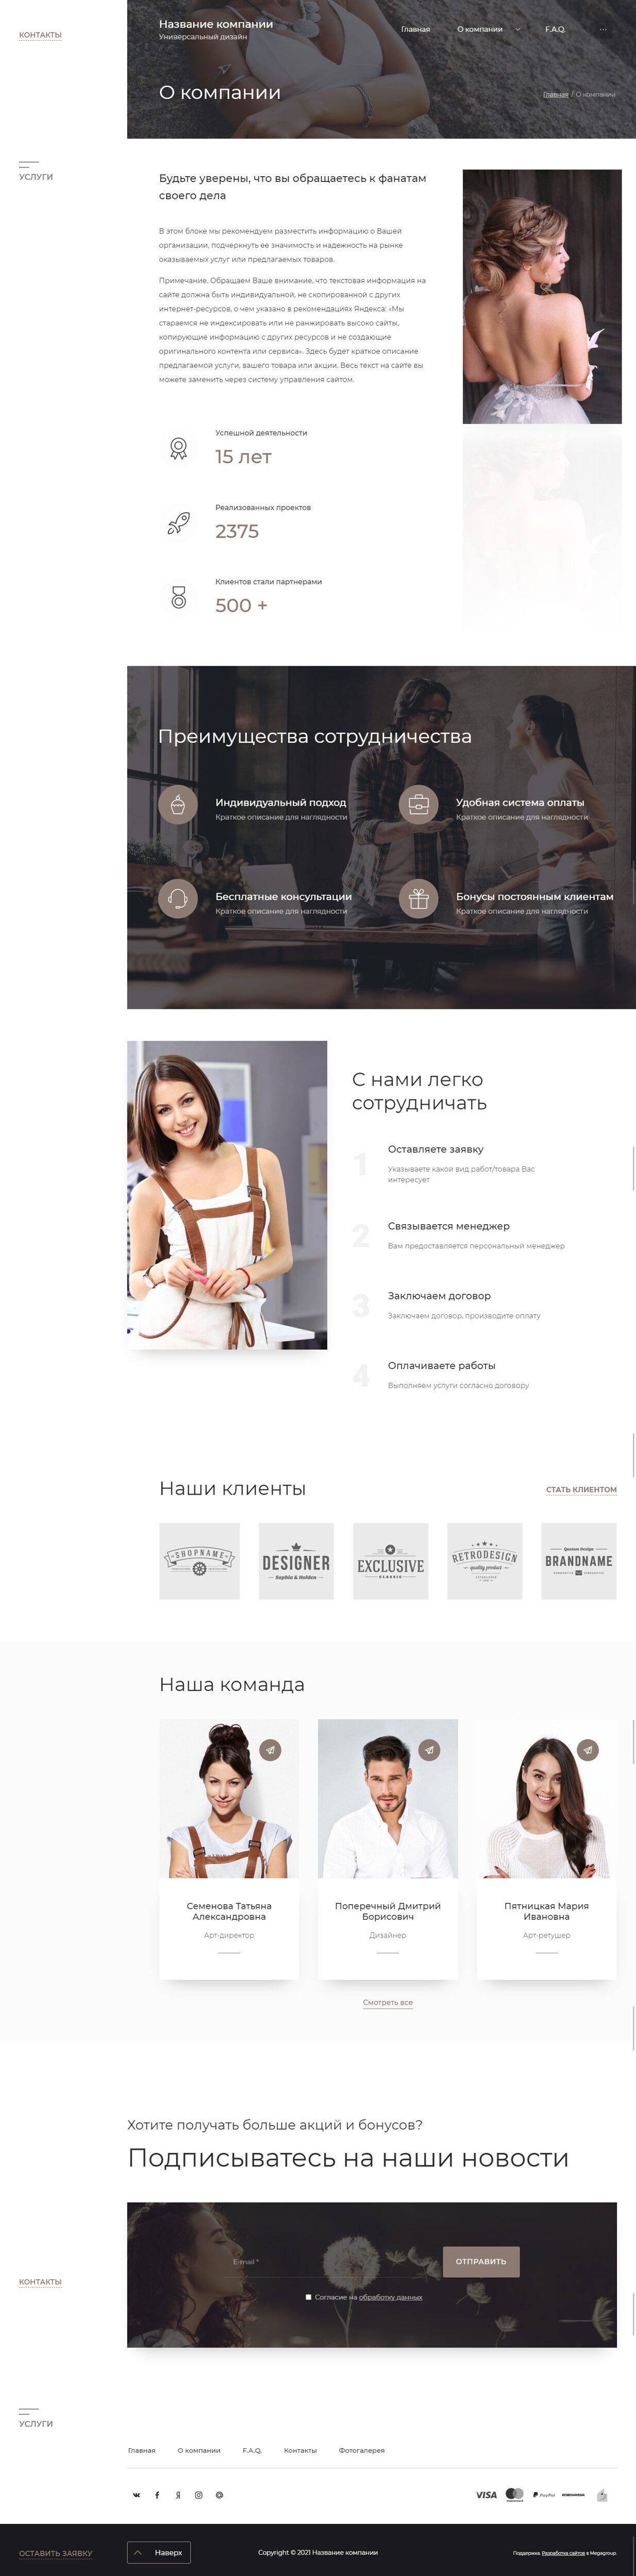 Готовый Сайт-Бизнес #3032224 - Универсальный дизайн (О компании)